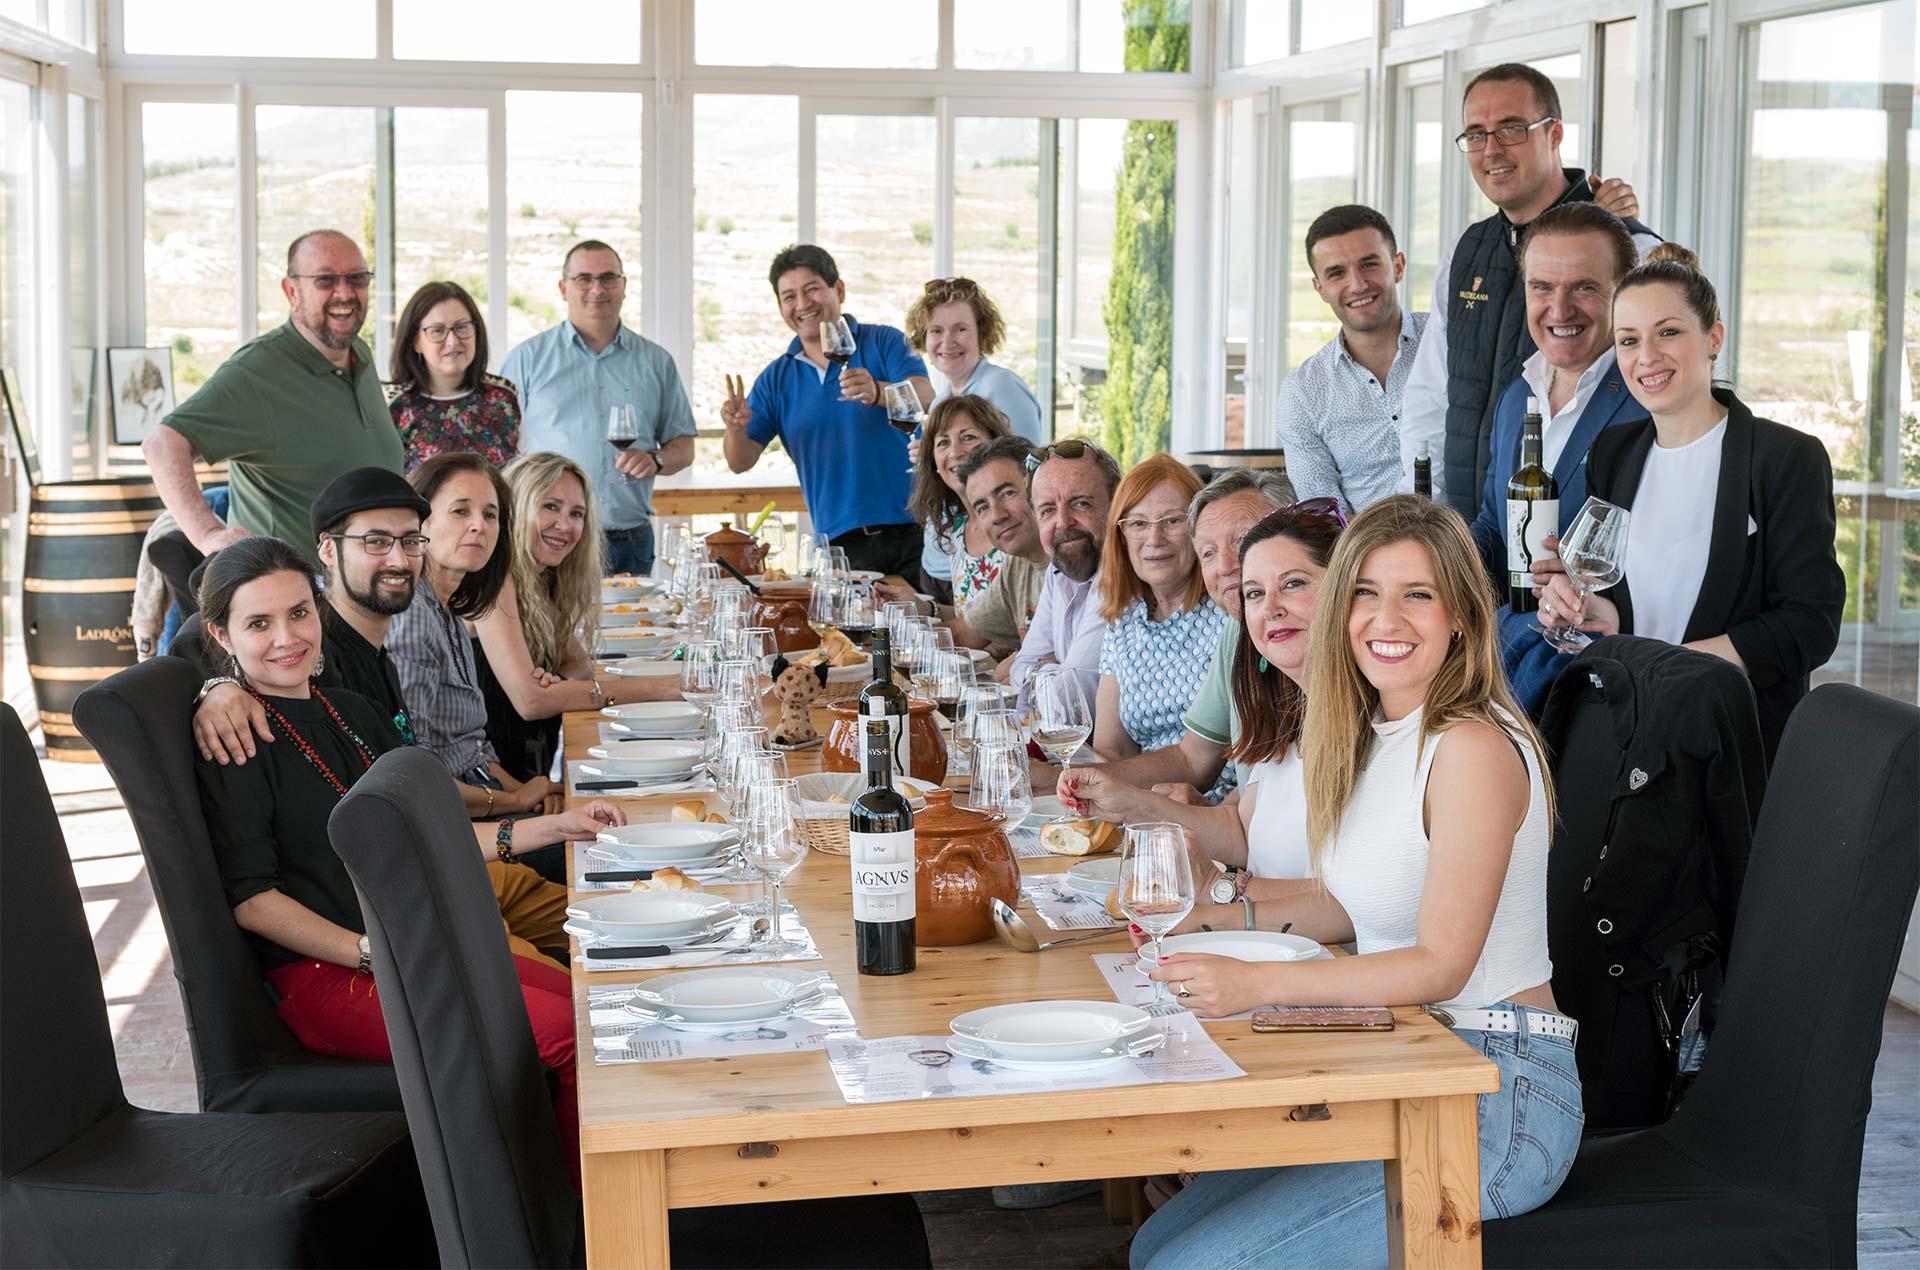 Expertos de diversos proyectos relacionados con el mundo del vino visitaron Bodegas Valdelana para conocer de primera mano nuestro proyecto enoturístico